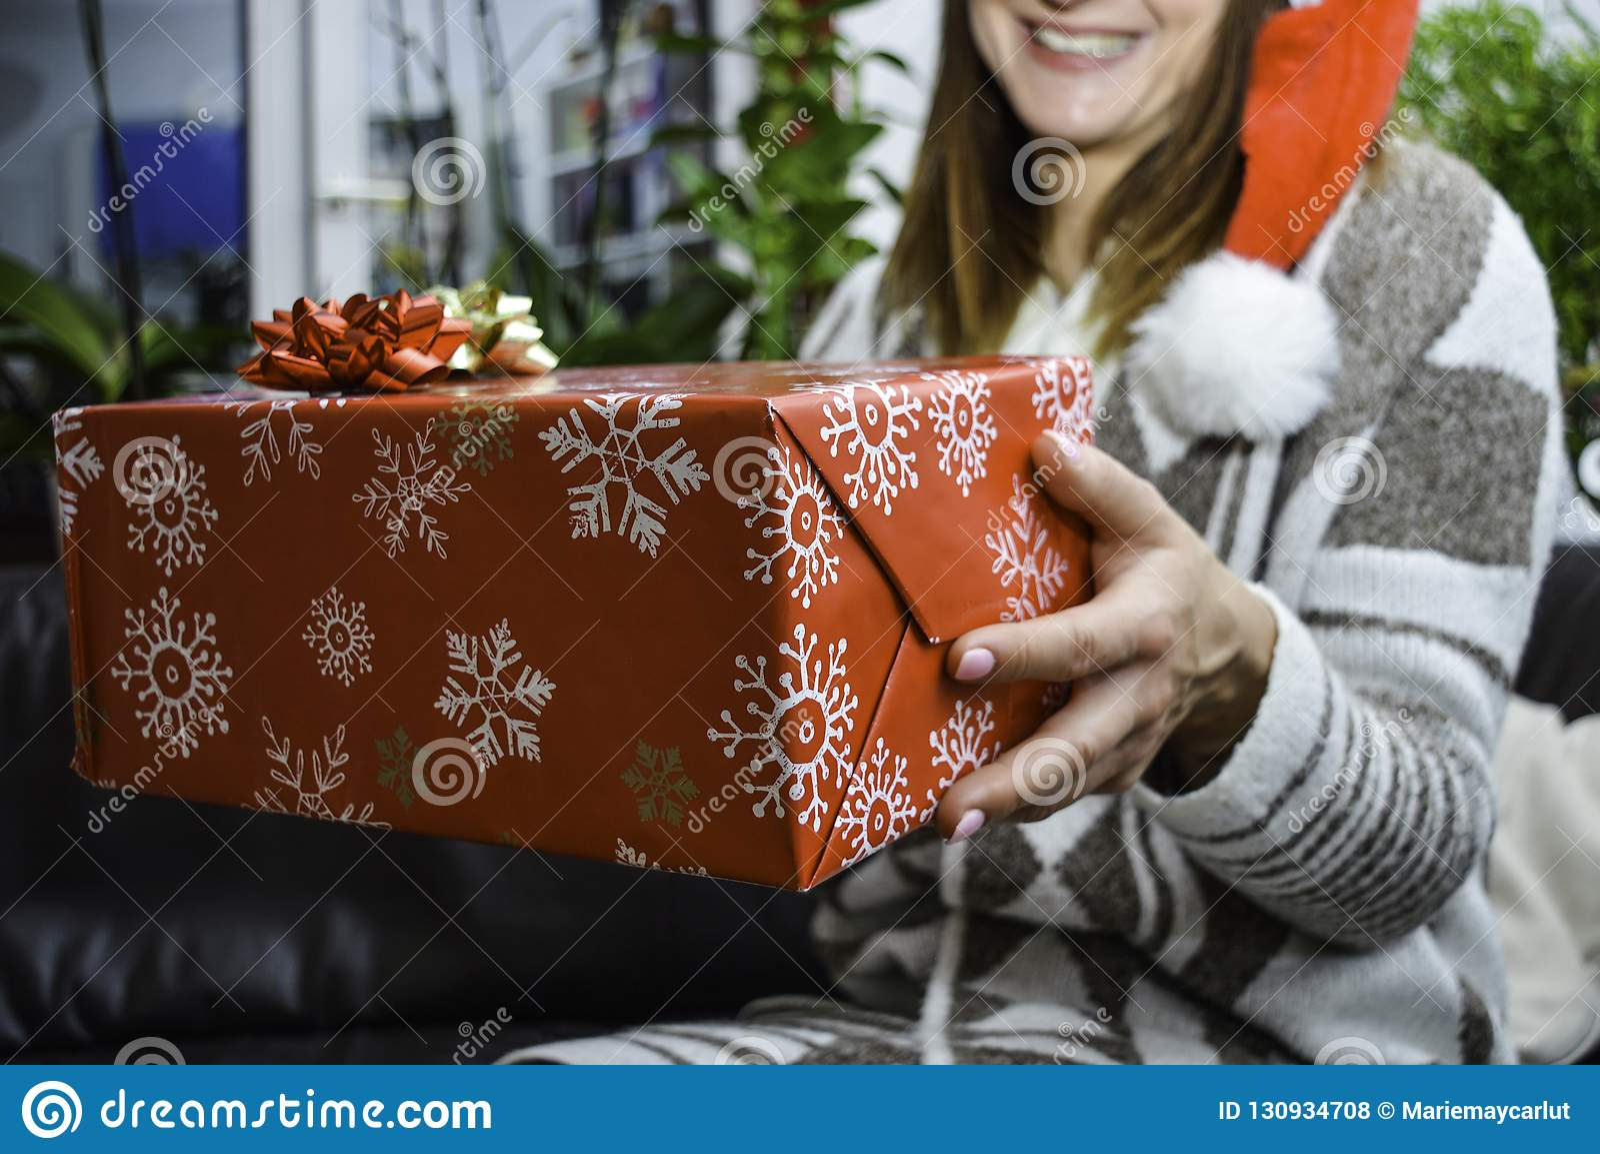 Glückliche lächelnde junge Schönheit, die ein Weihnachtsgeschenk hält und gibt